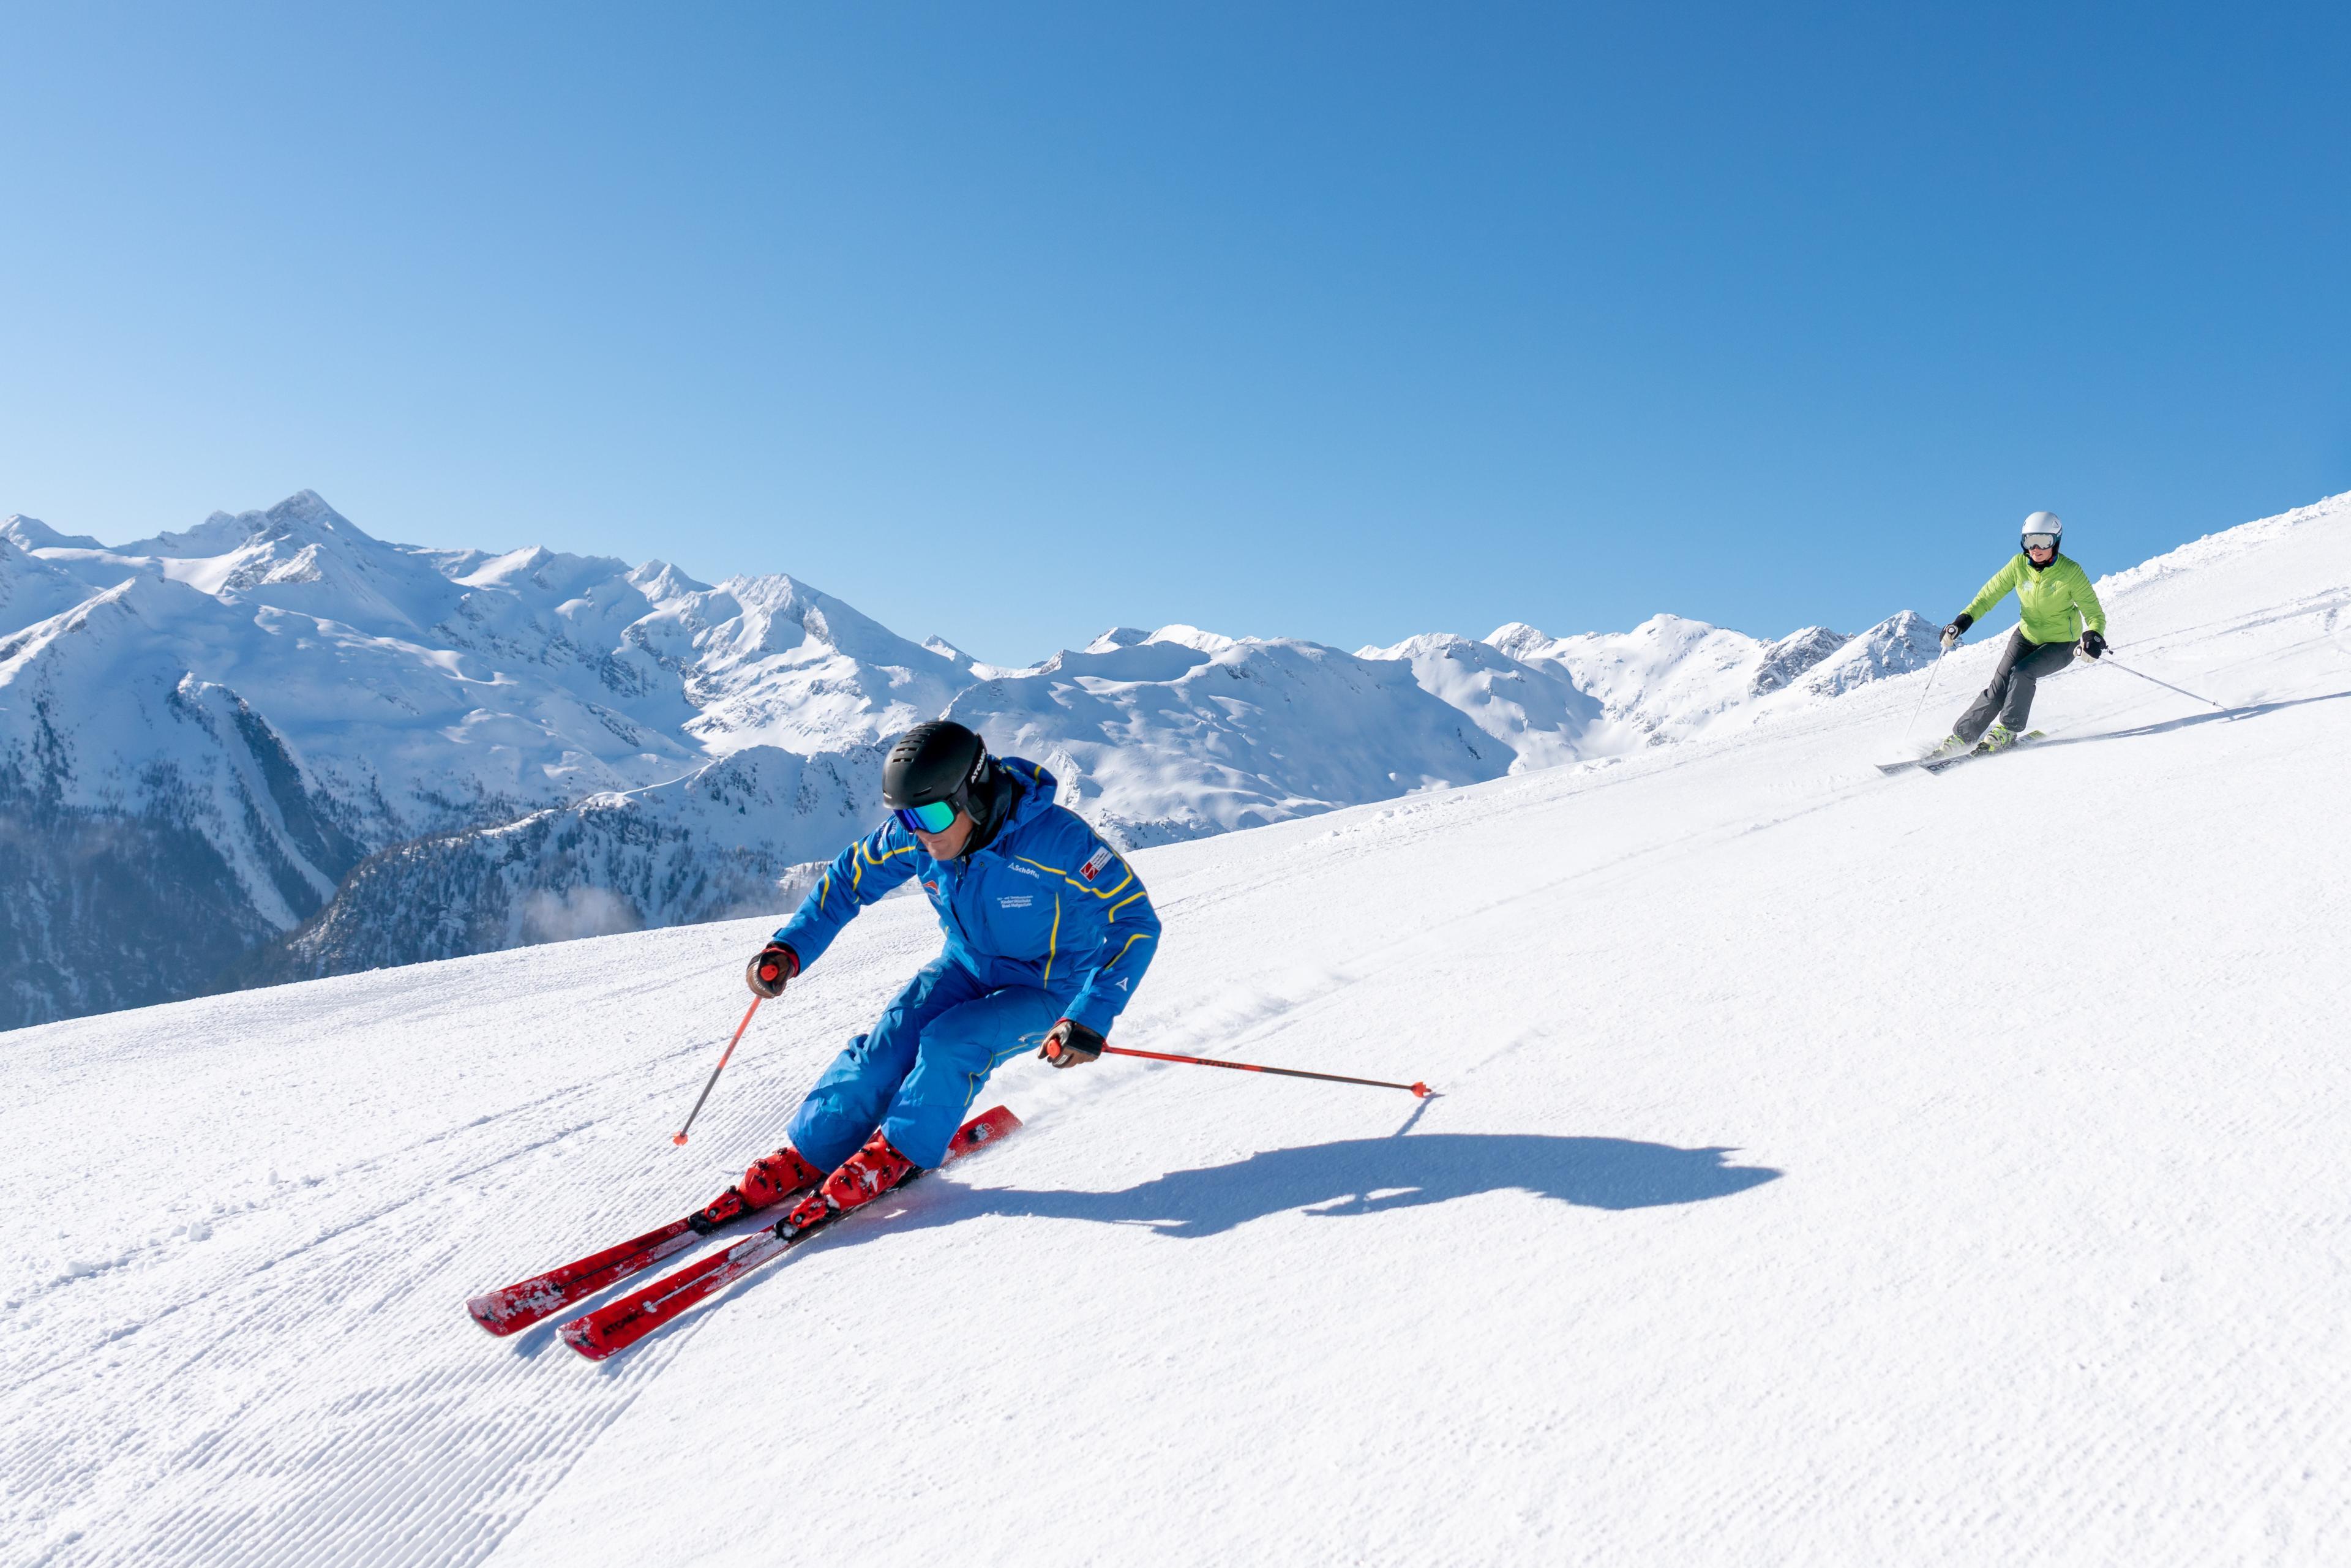 Cours particulier de ski Adultes dès 18 ans pour Tous niveaux